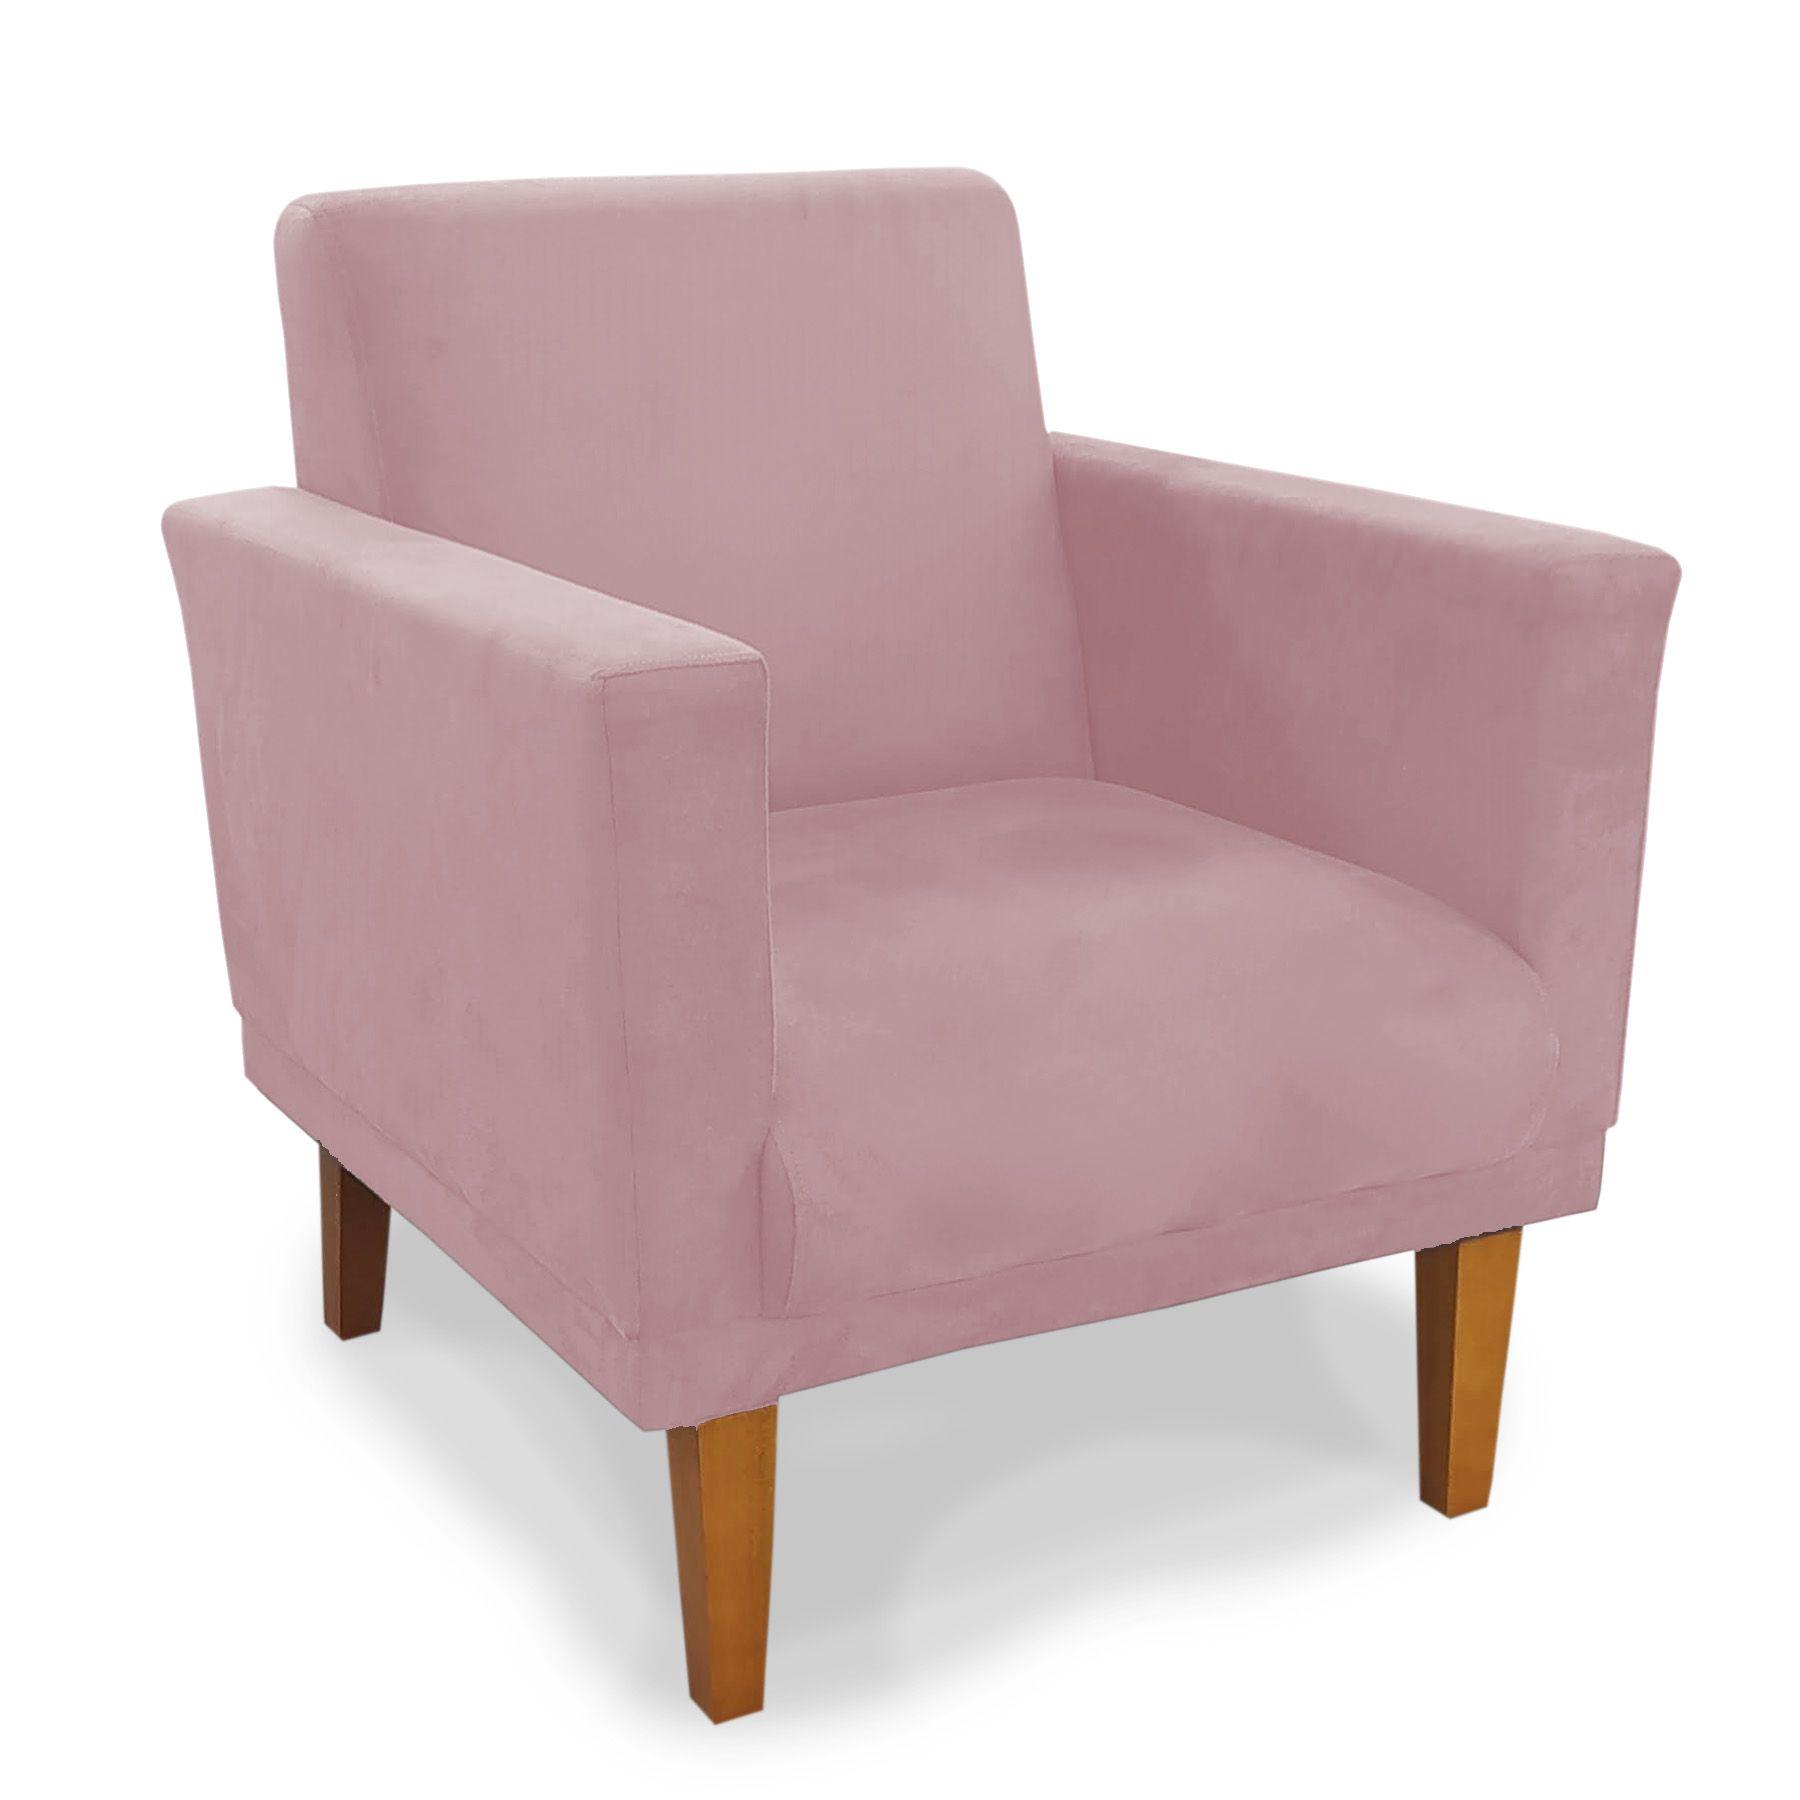 Poltrona Decorativa Conforto Pés Madeira Suede Rosa - Sheep Estofados